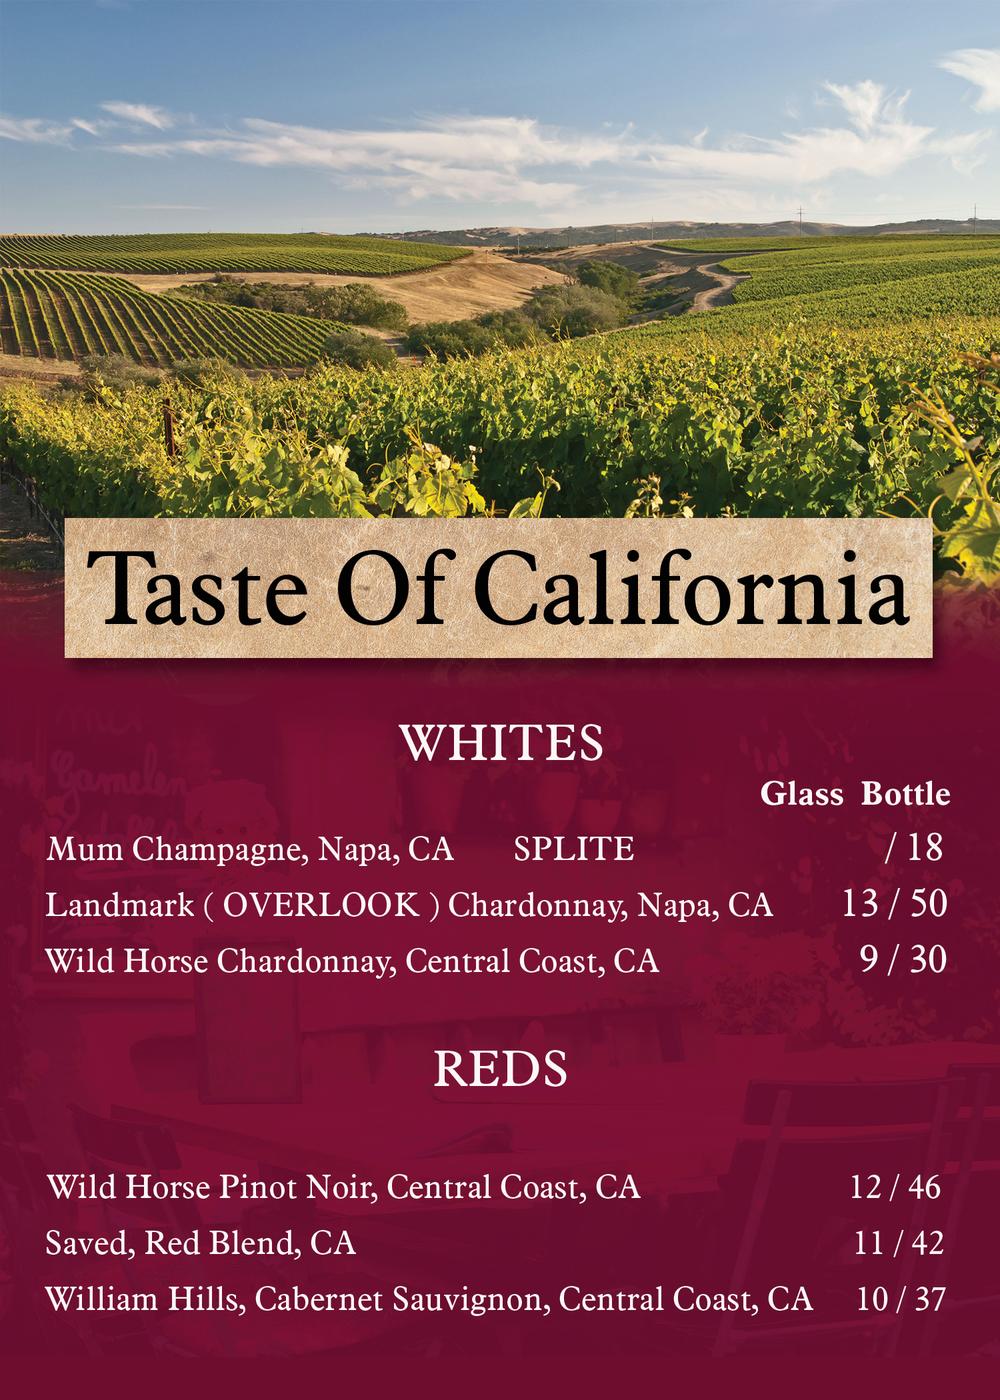 TASTE_OF_CALIFORNIA-5x7.png